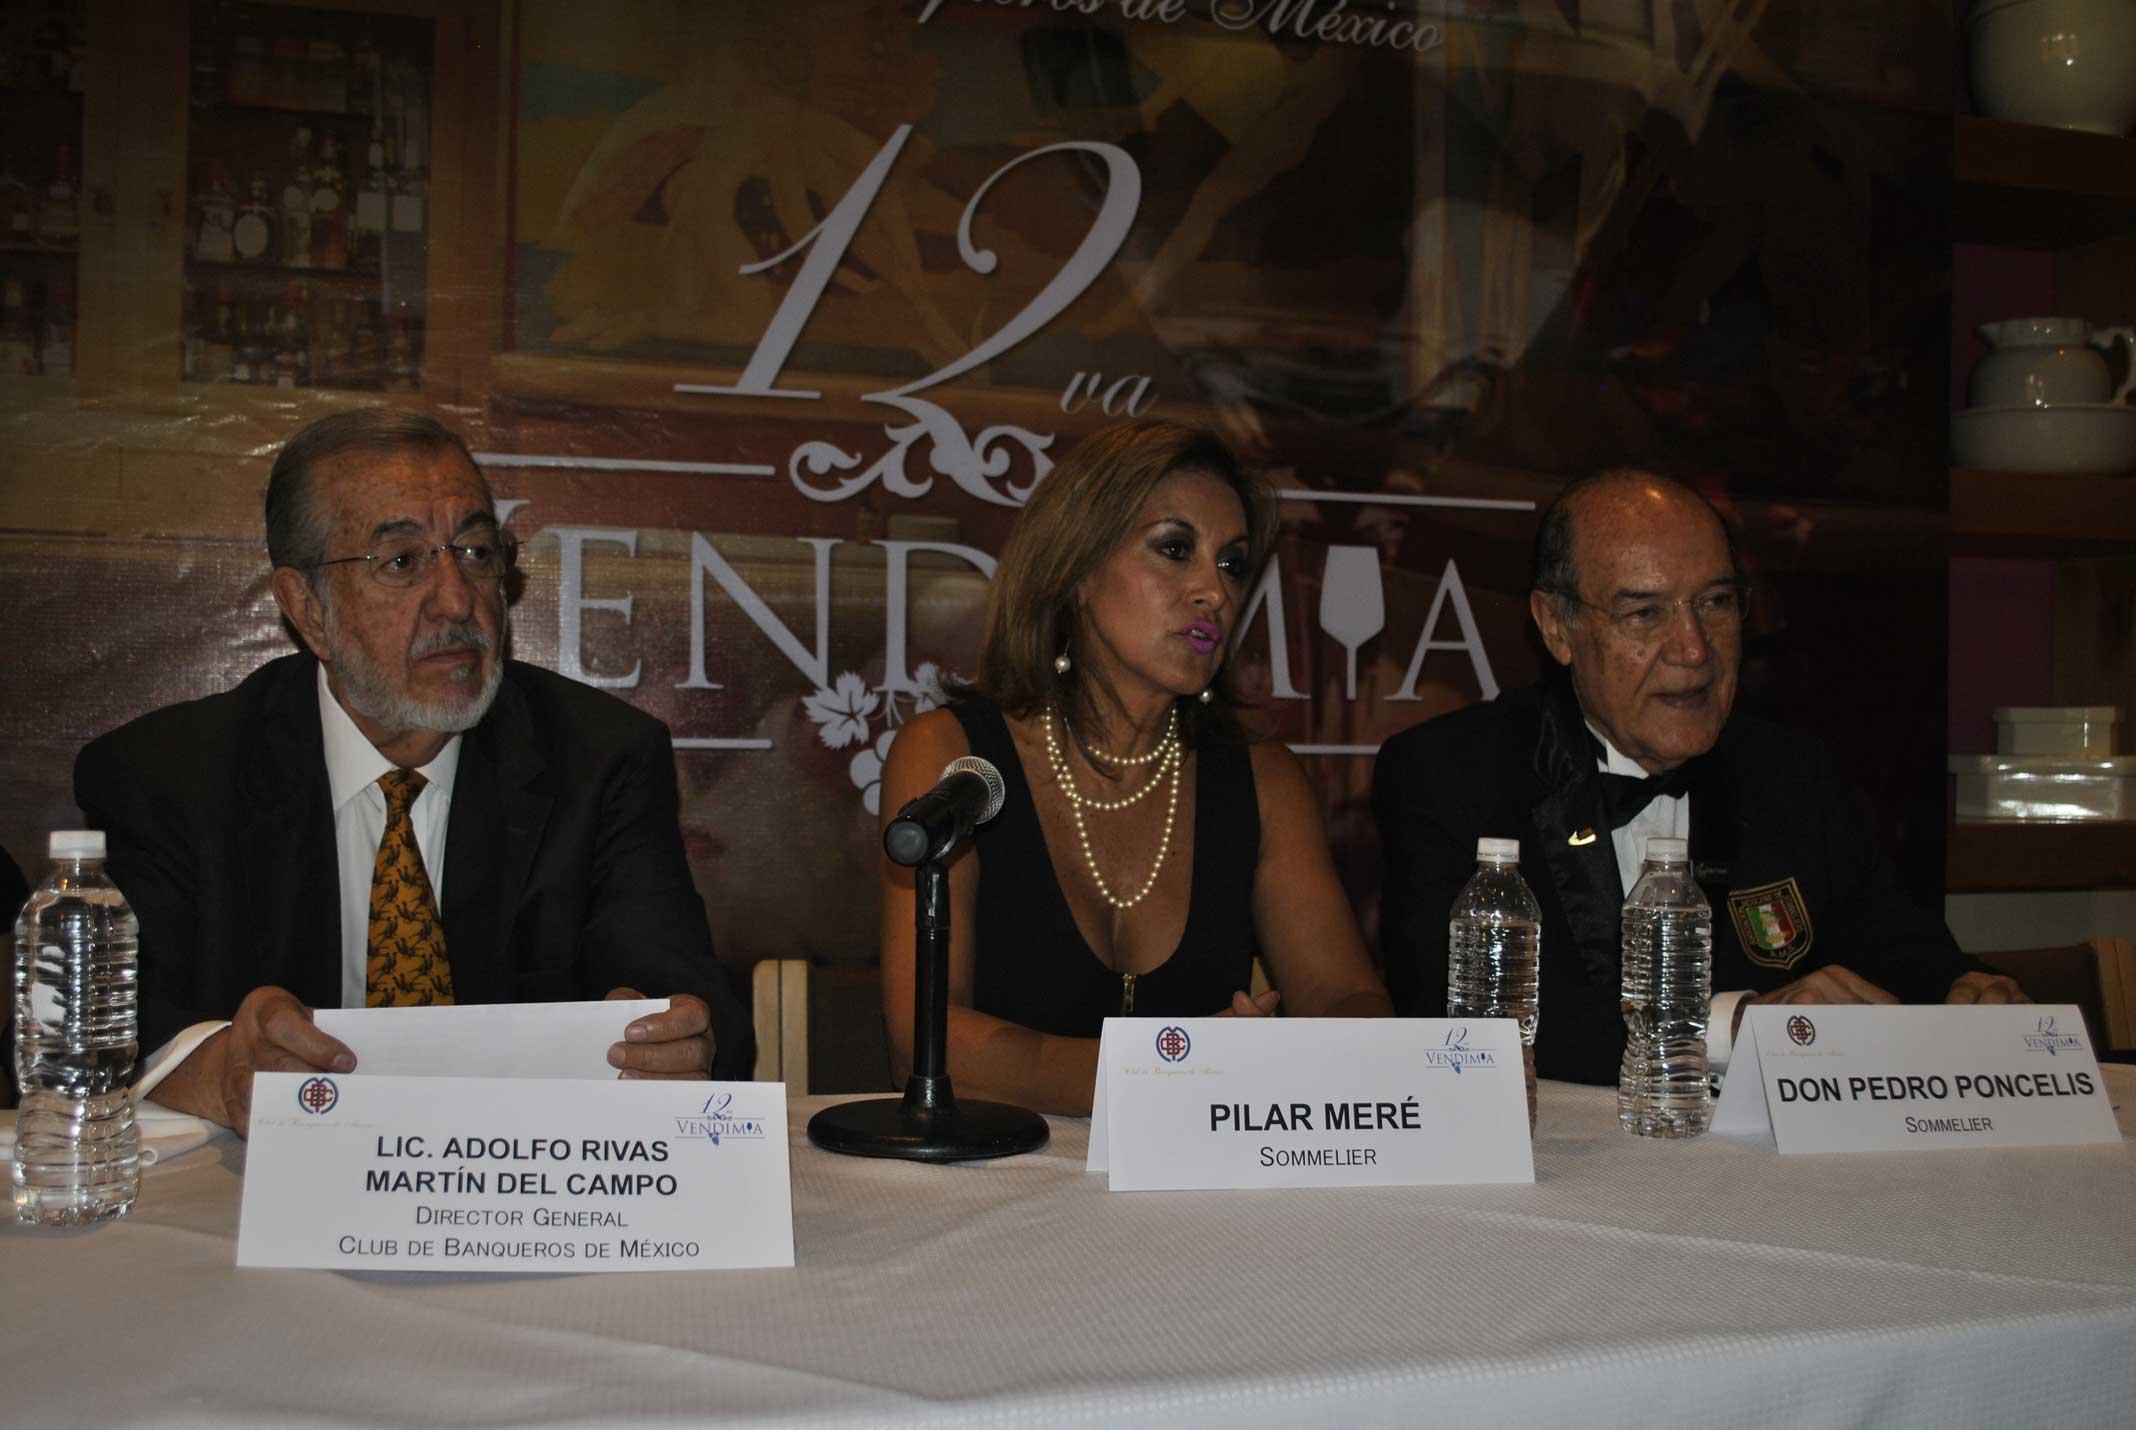 Adolfo Rivas Martín del Campo, director general del Club de Banqueros; Pilar Meré, presidenta de la Asociación Mexicana de Sommeliers, y Pedro Poncelis, sommelier